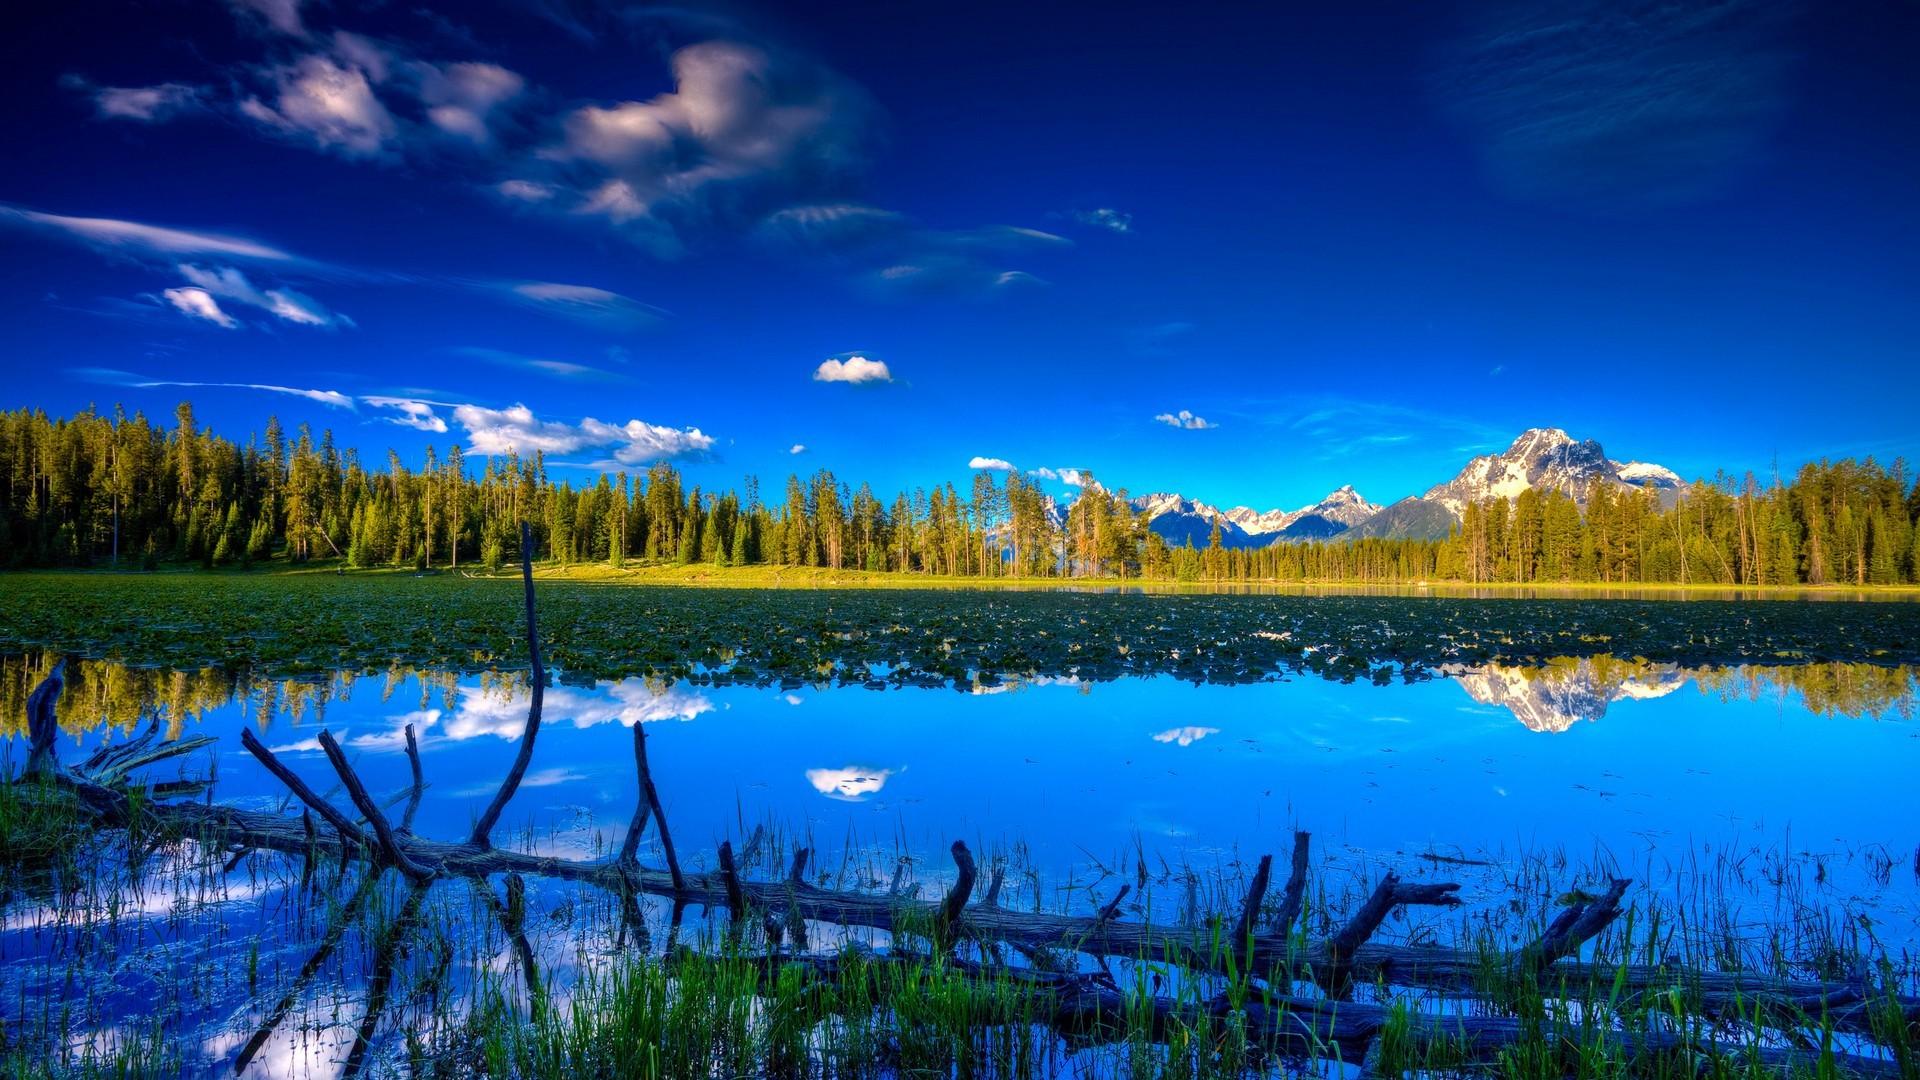 Snow Falling Wallpapers Free Download Die 86 Besten Natur Hintergrundbilder Hd F 252 R Windows